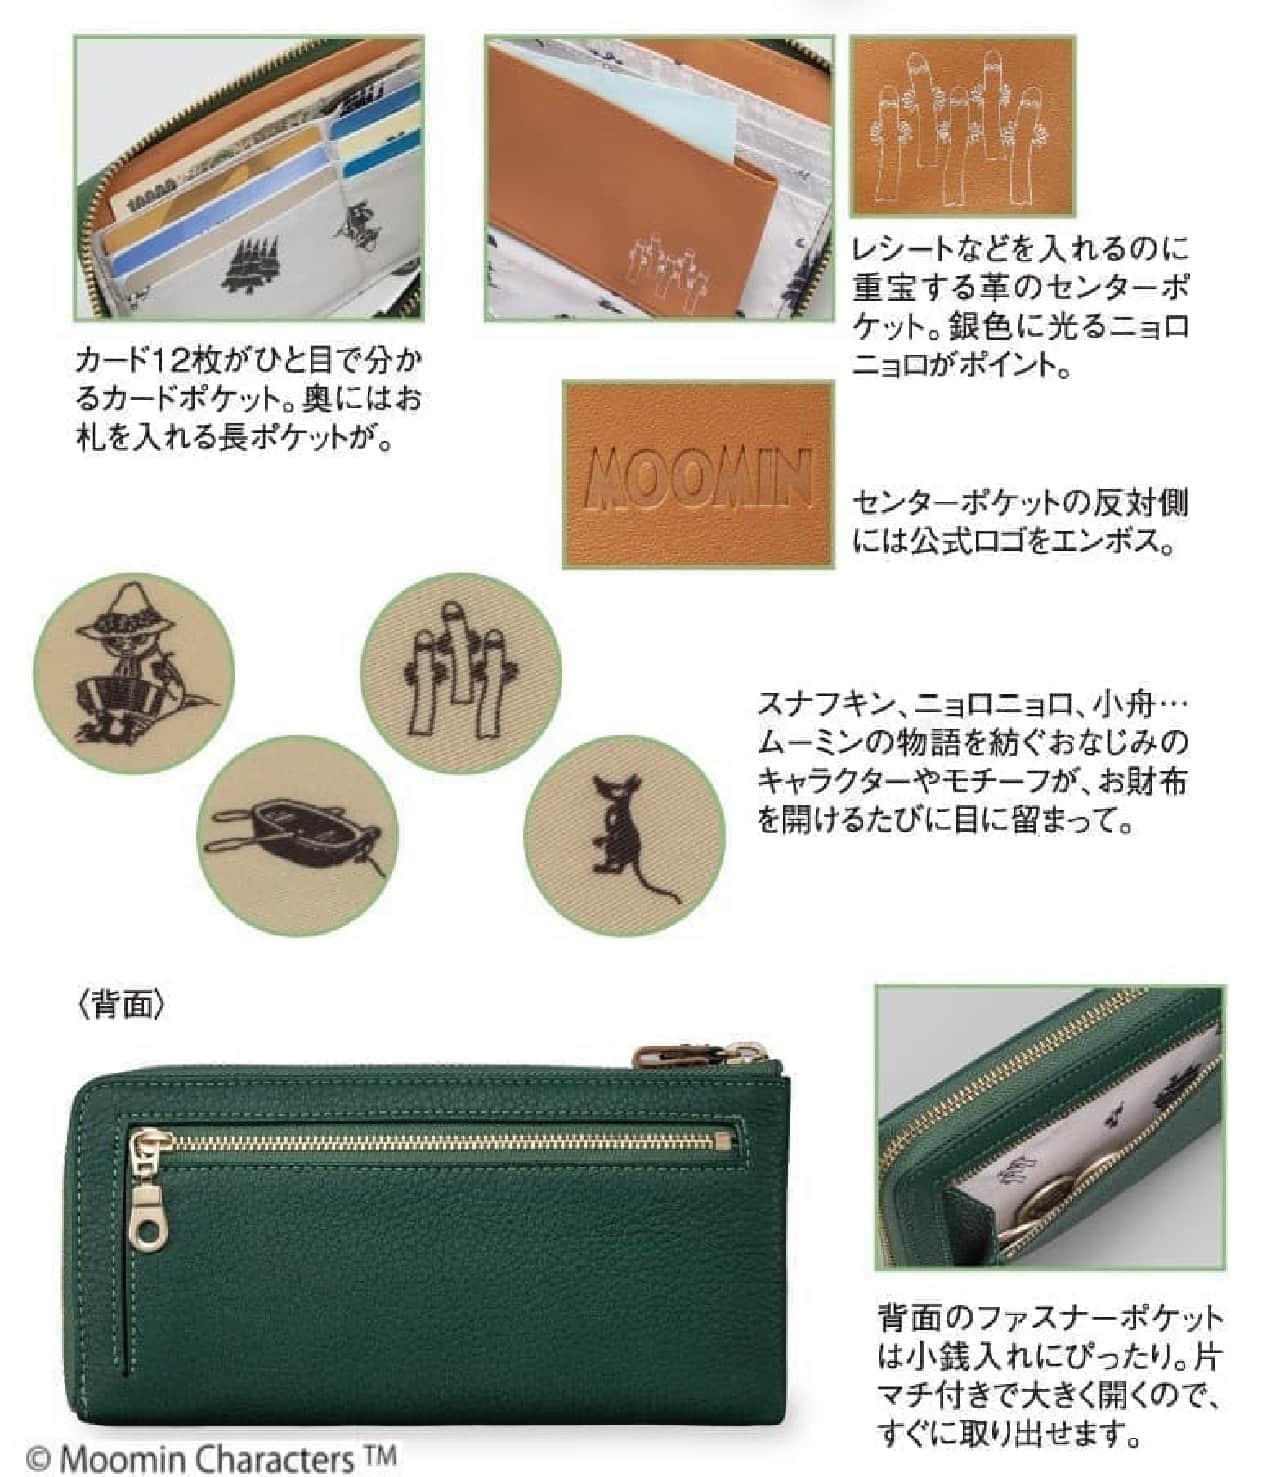 ムーミン75周年記念「スナフキン 森のレザーウォレット」発売 -- ムーミン谷の森をイメージした緑色の長財布